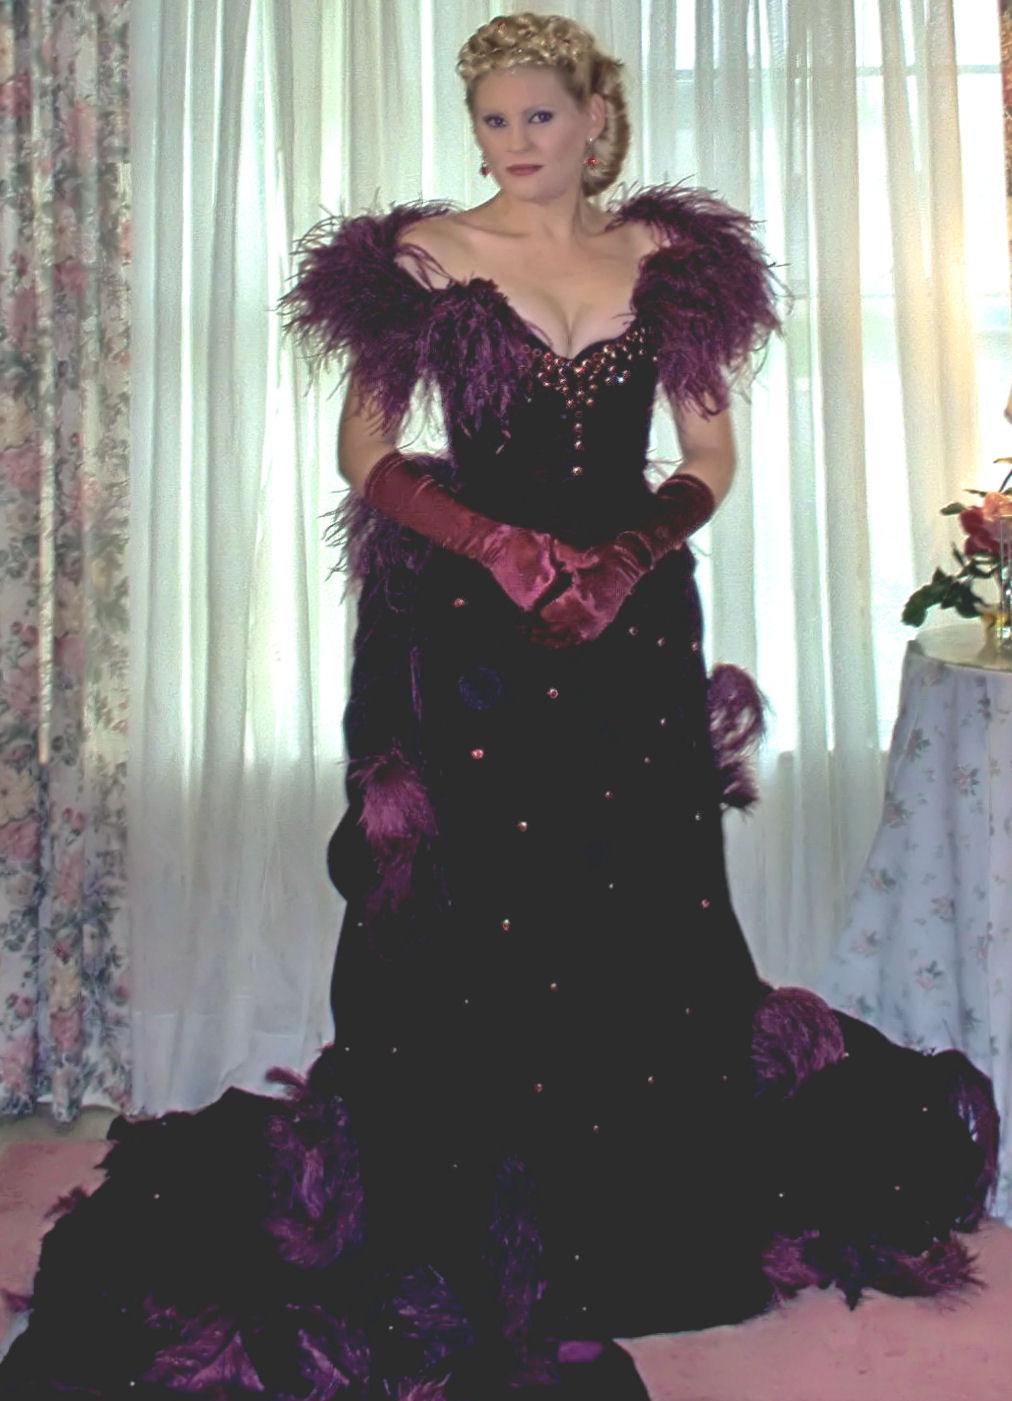 Burgundy Velvet Dress For A Fall Wedding her burgundy velvet dress